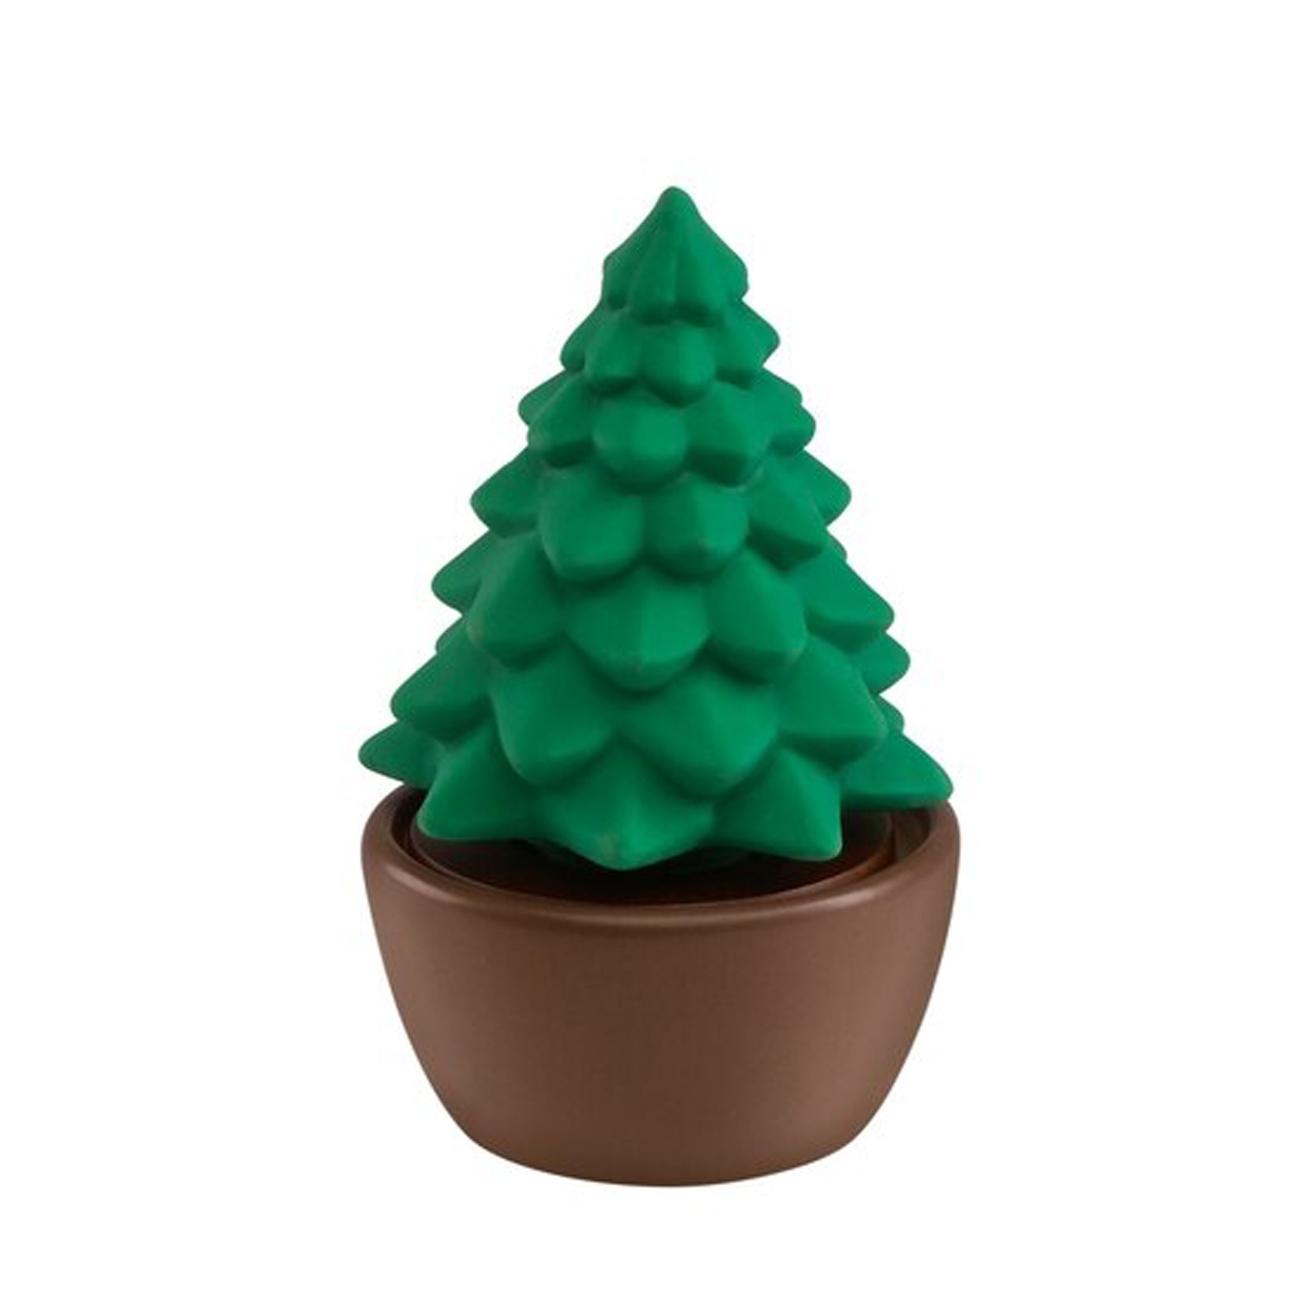 Difusor de cerâmica Pinheiro aromatizador Evergreen Ellia  - BRIGHT